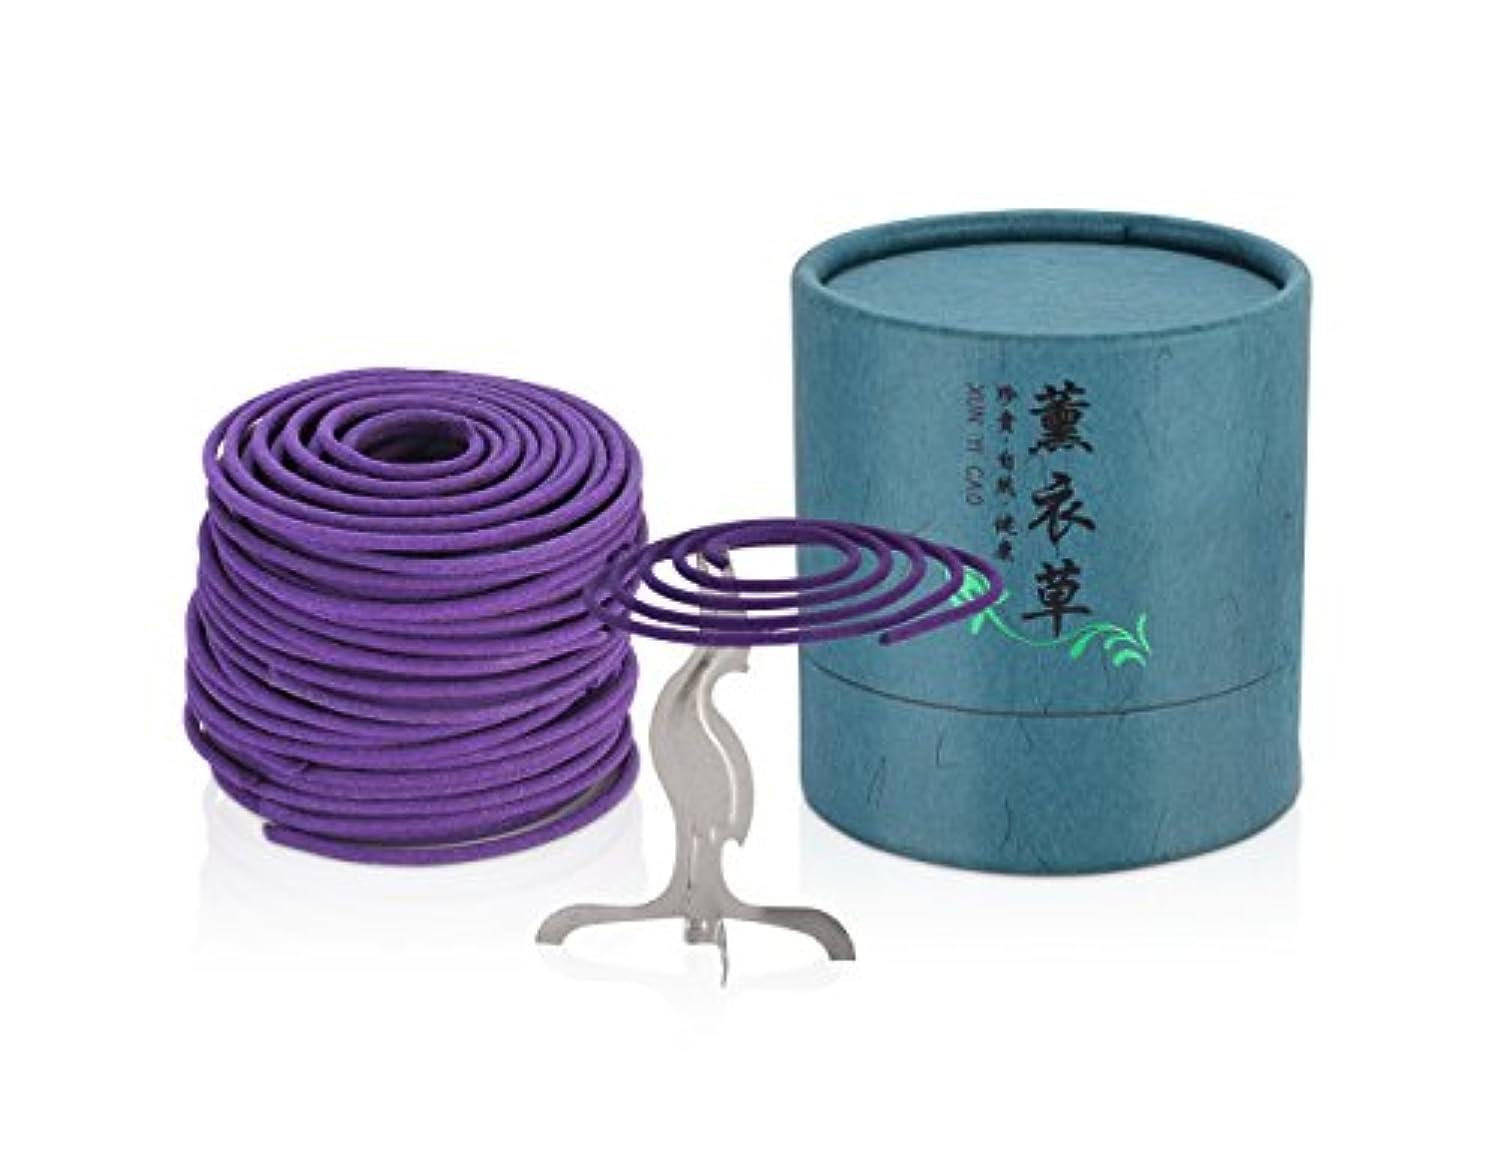 裁量効果的男やもめ(Lavender) - Xujia Lavender Incense Coils,Zen Buddhist Coils Incense for Burner